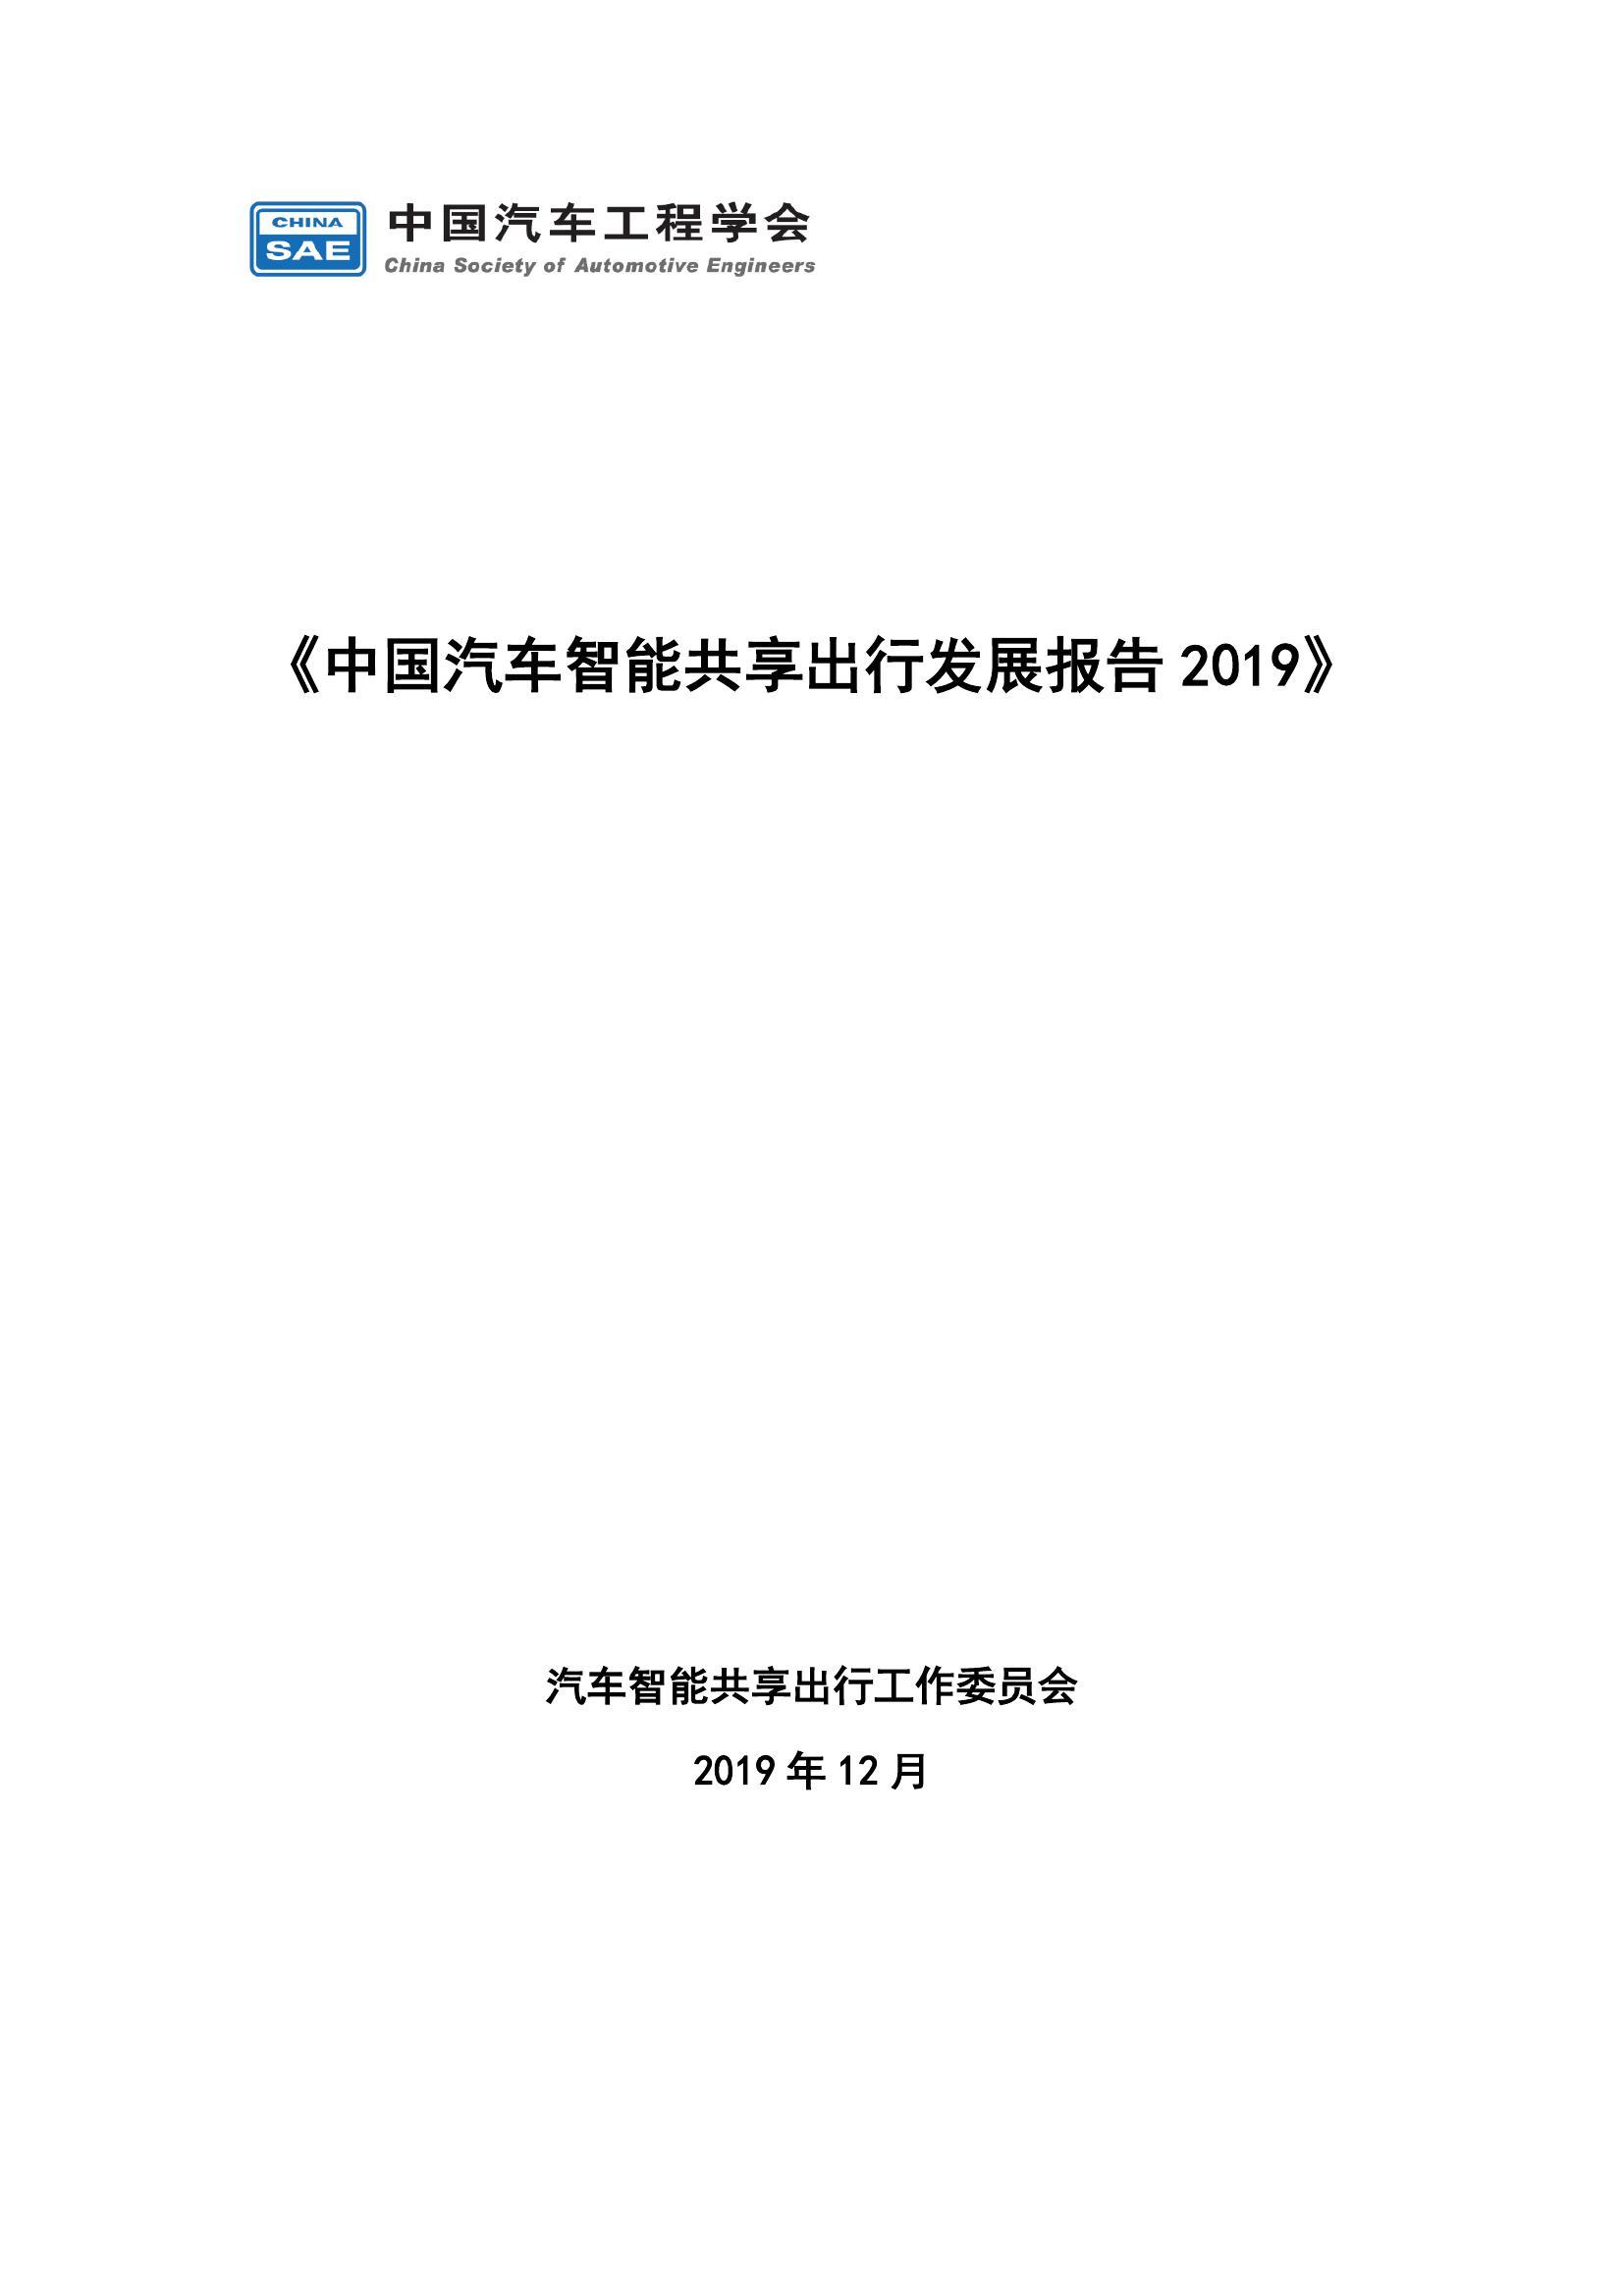 汽车工程学会:2019中国汽车智能共享出行发展报告(附下载)